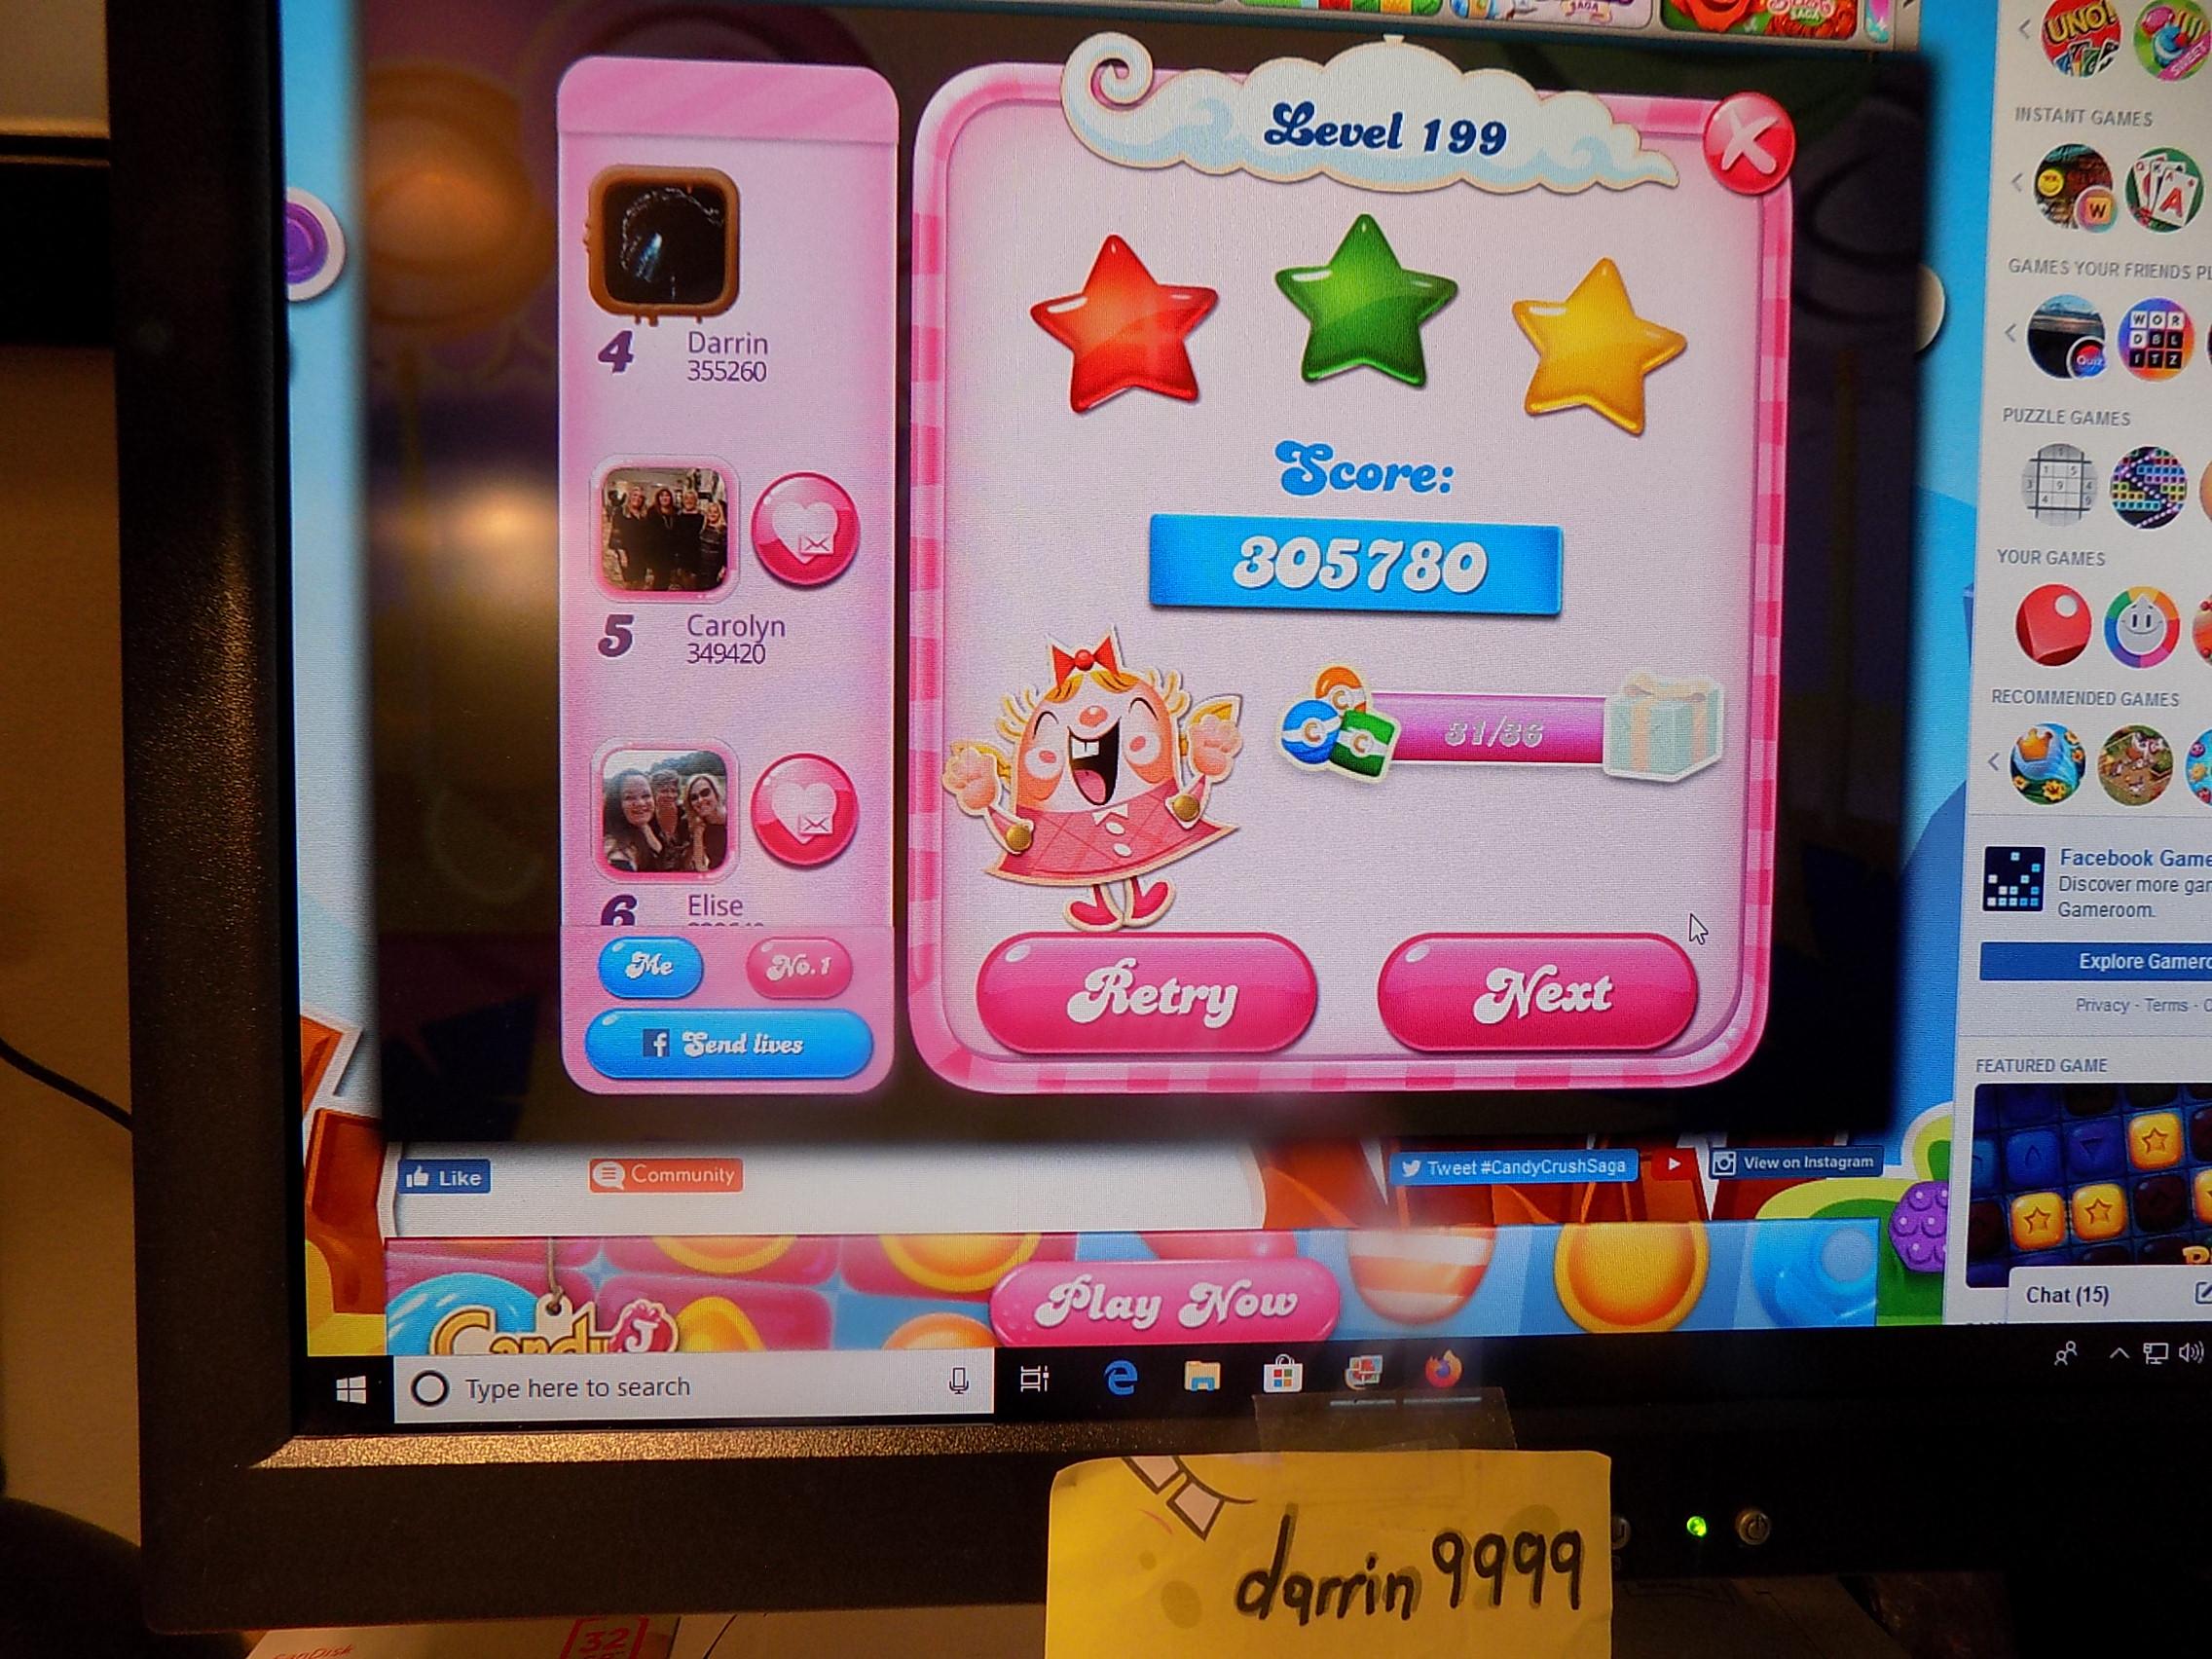 darrin9999: Candy Crush Saga: Level 199 (Web) 305,780 points on 2019-11-01 07:16:20